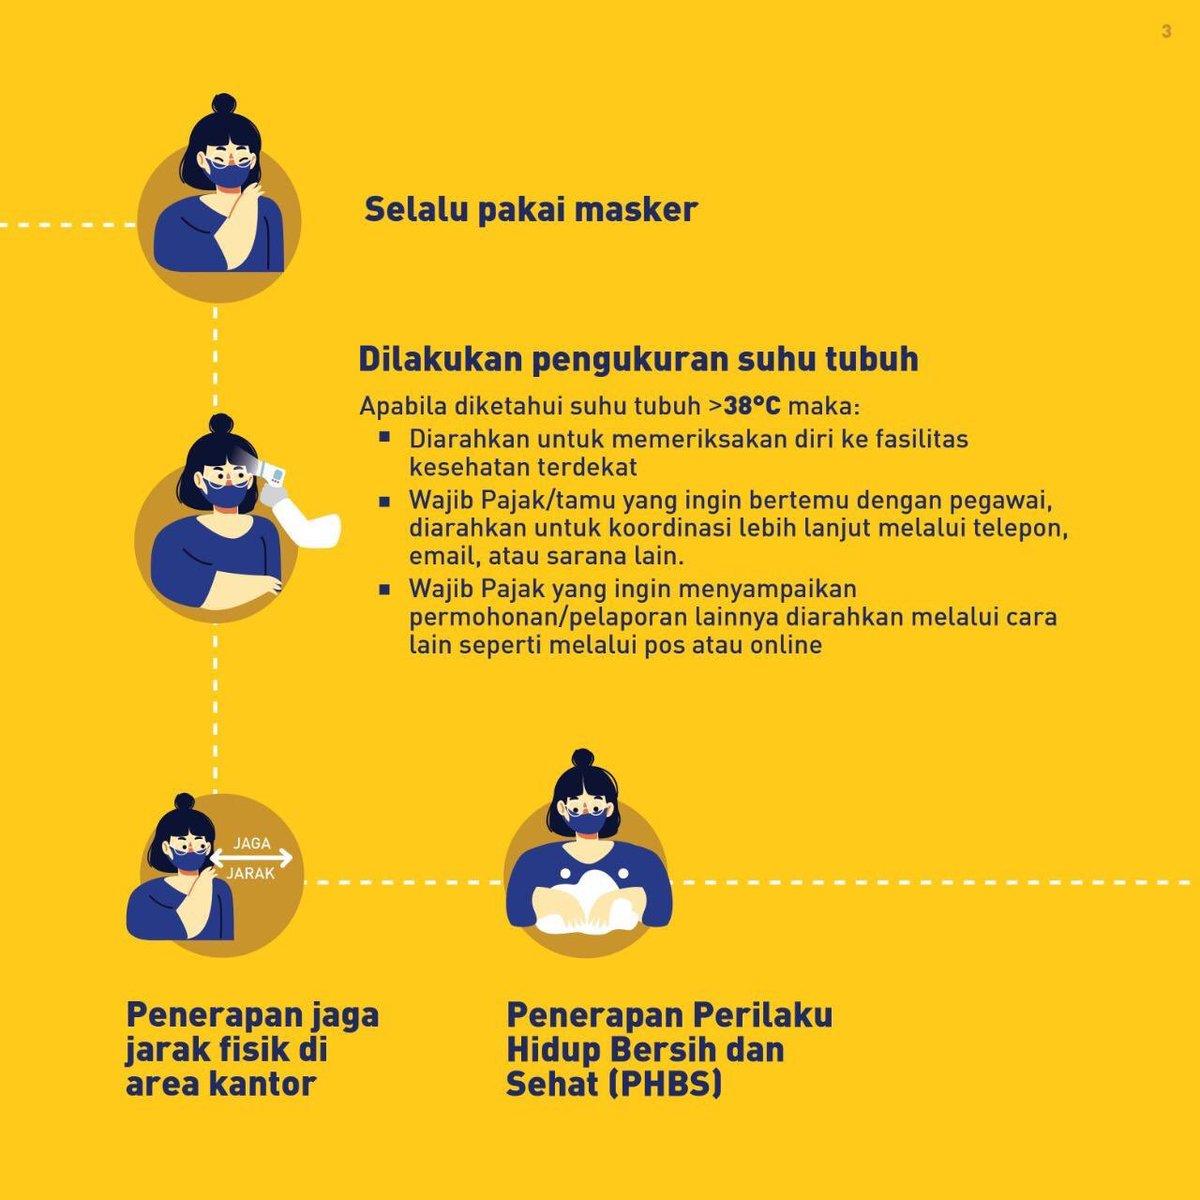 Kpp Pratama Jakarta Kebayoran Lama On Twitter Berikut Prosedur Pelayanan Tatap Muka Dalam Kenormalan Baru